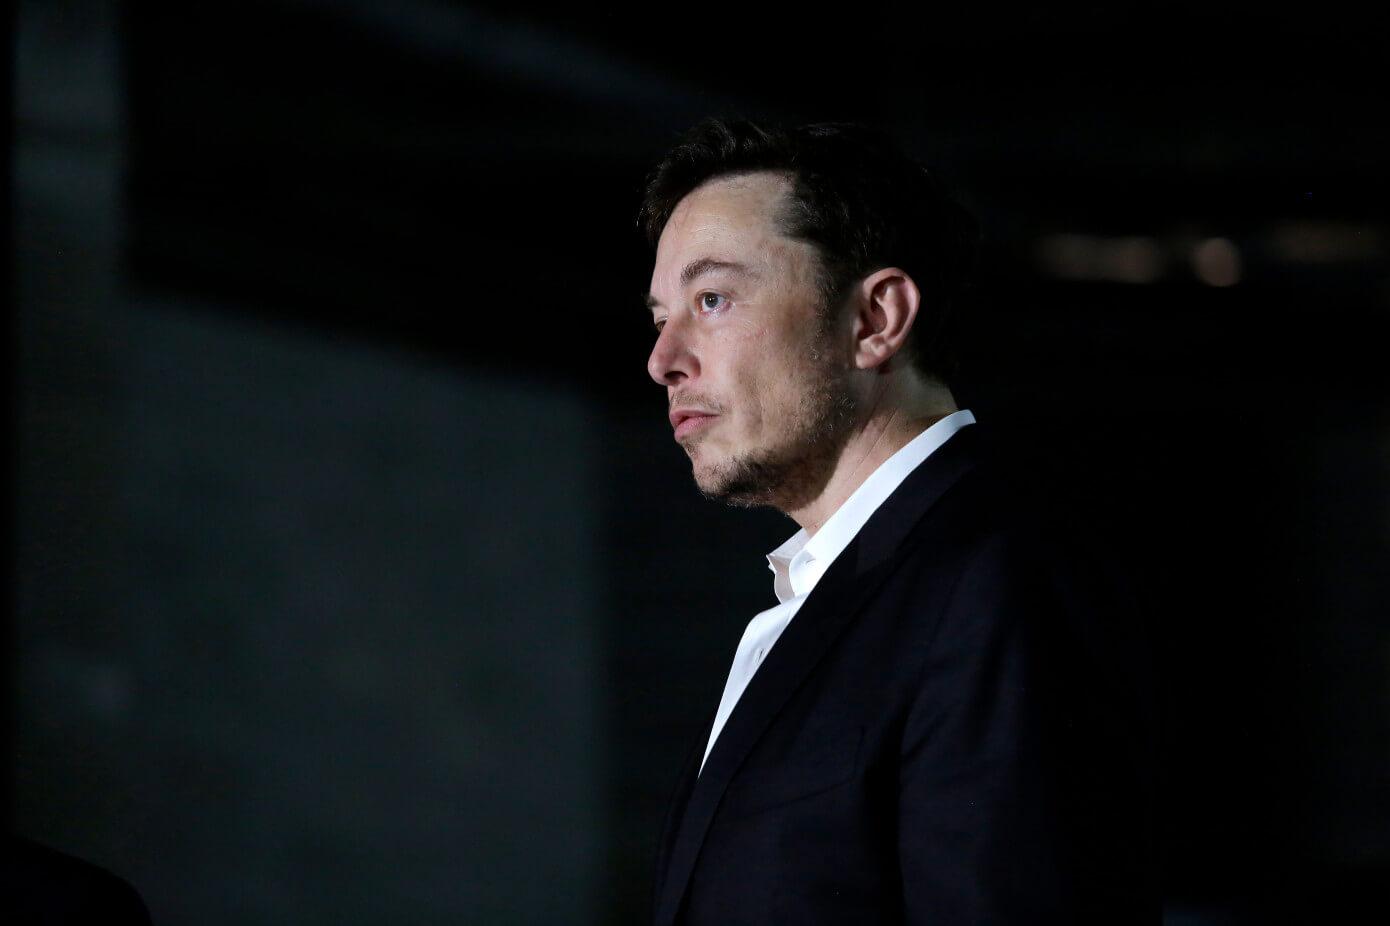 Илон Маск уволен по требованию SEC. Tesla оштрафована на 20 миллионов долларов